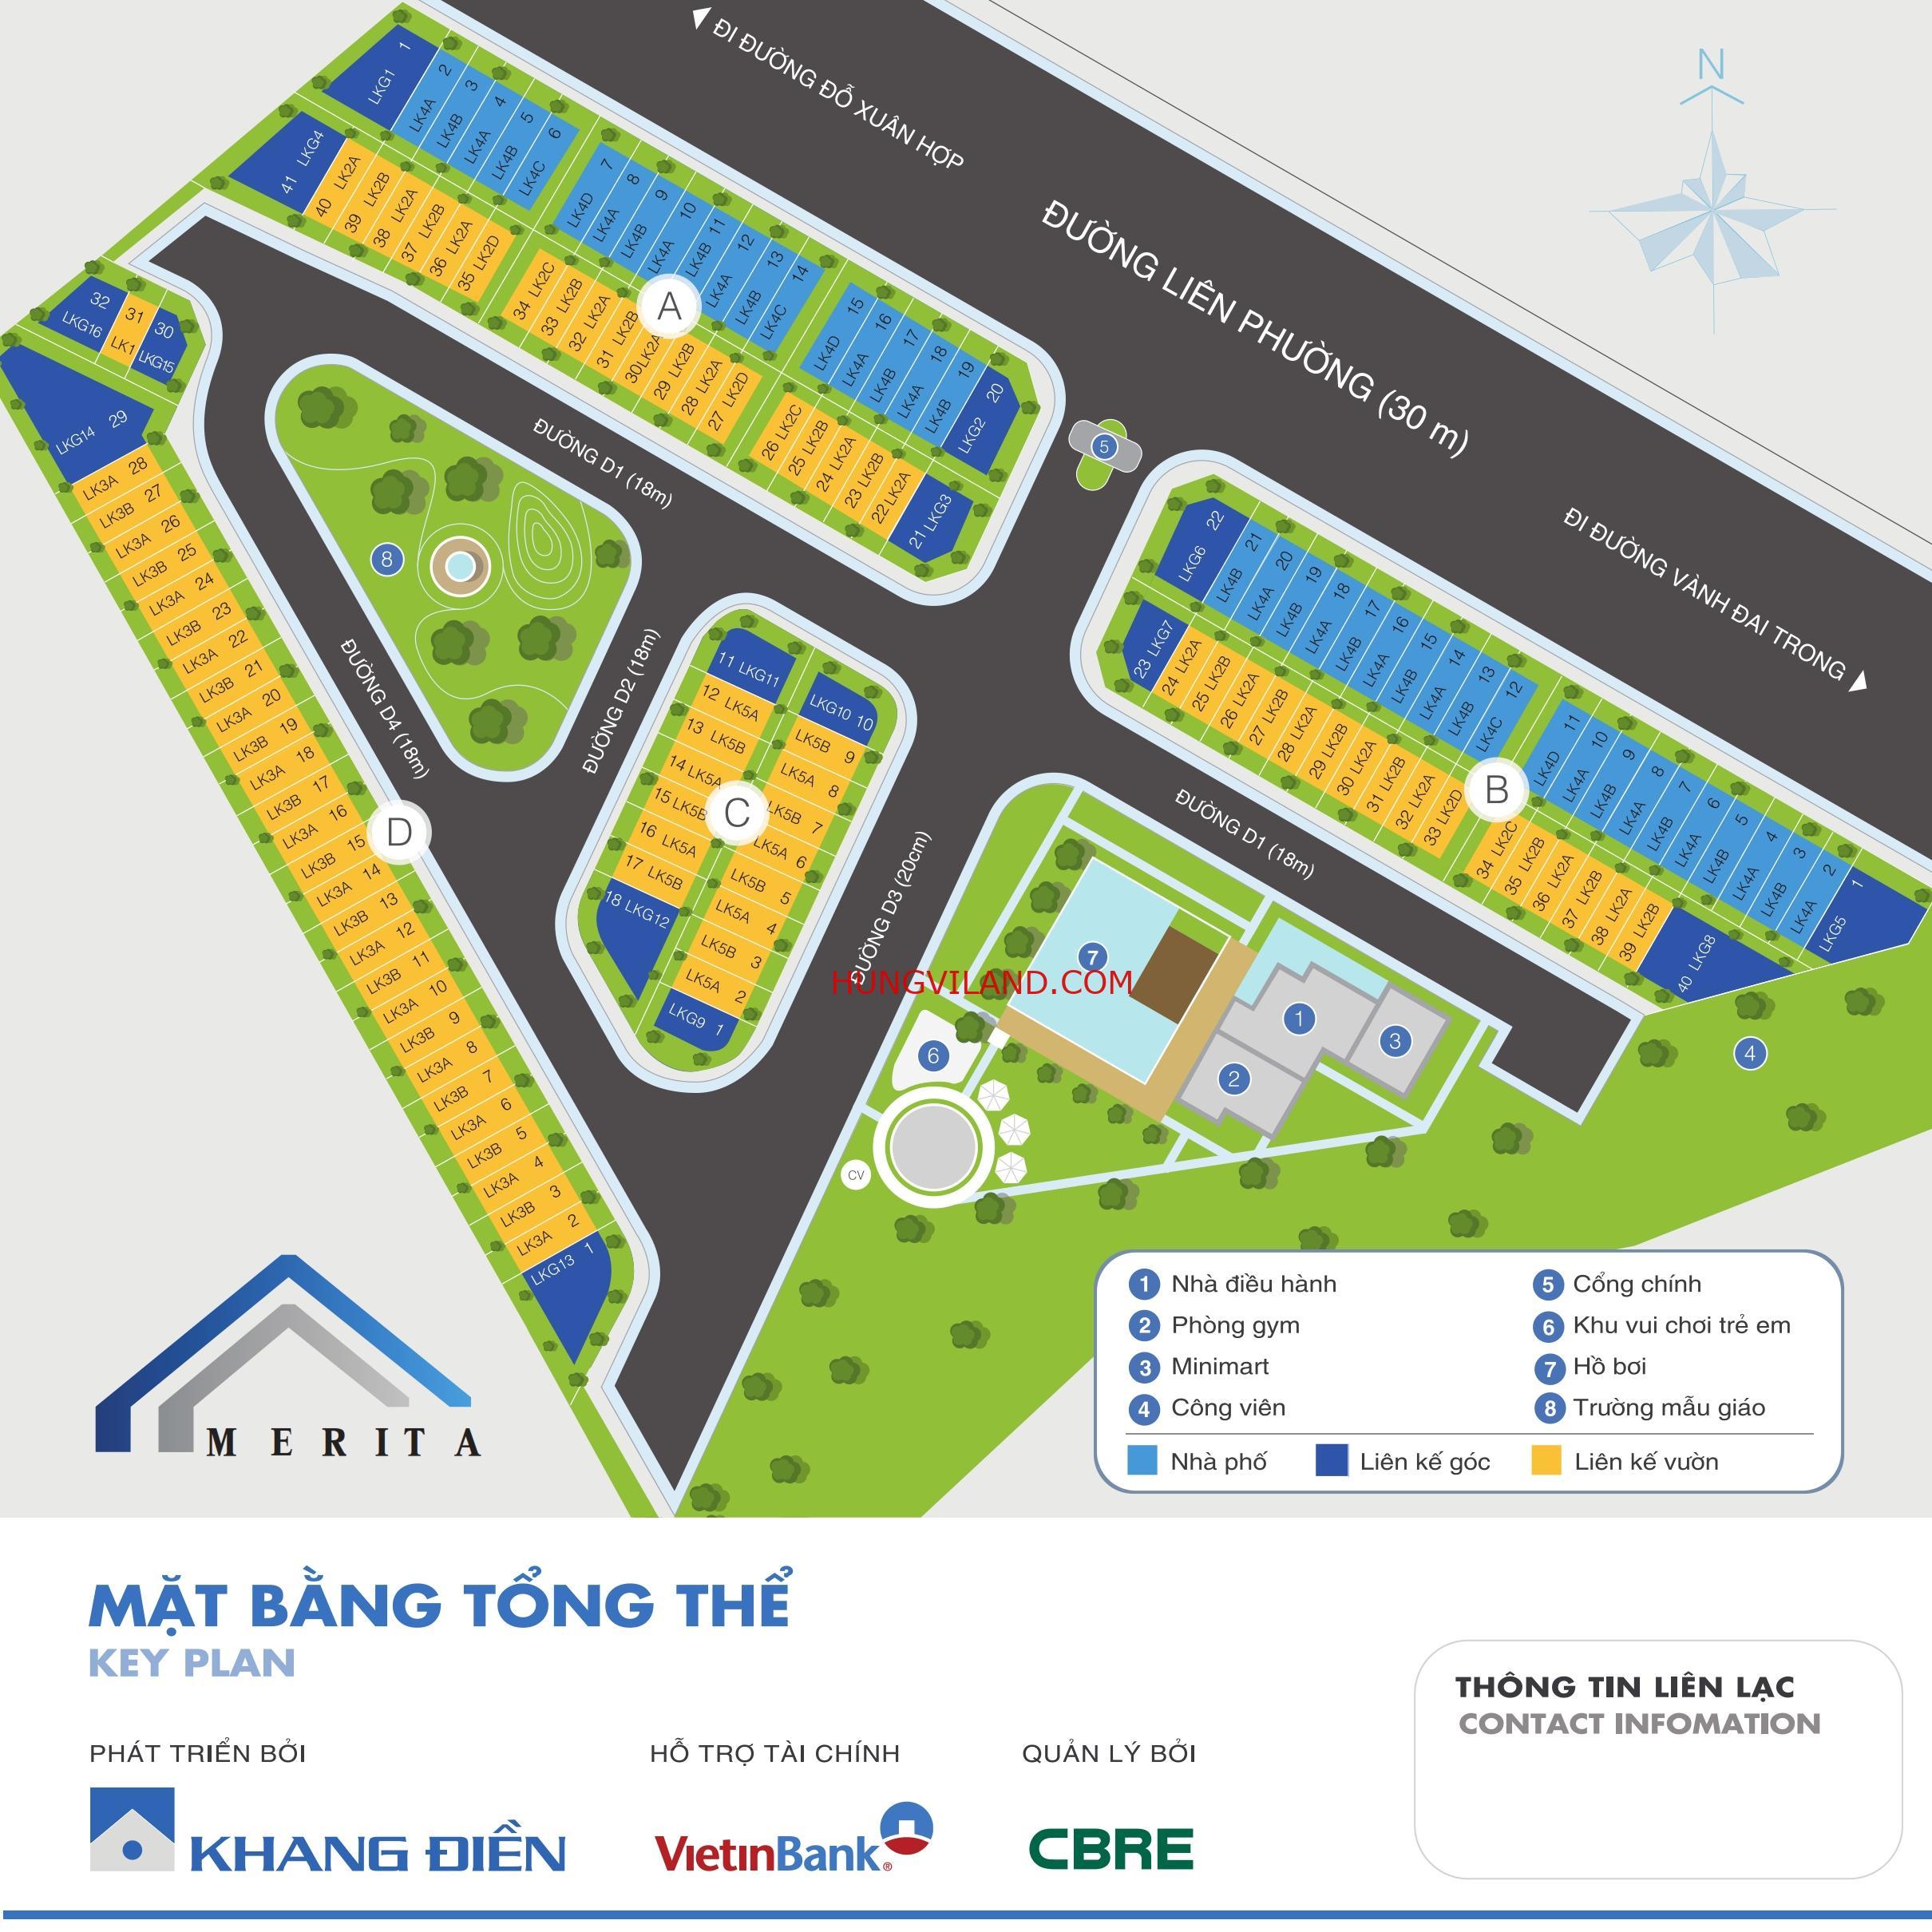 BIỆT THỰ 240m2 VIP MERITA KHANG ĐIỀN Q9. Nhà thô tiện về thiết kế nội thất theo ý mình. Thiết kế 1 trệt 2 lầu có sổ hồng riêng – 0981260130